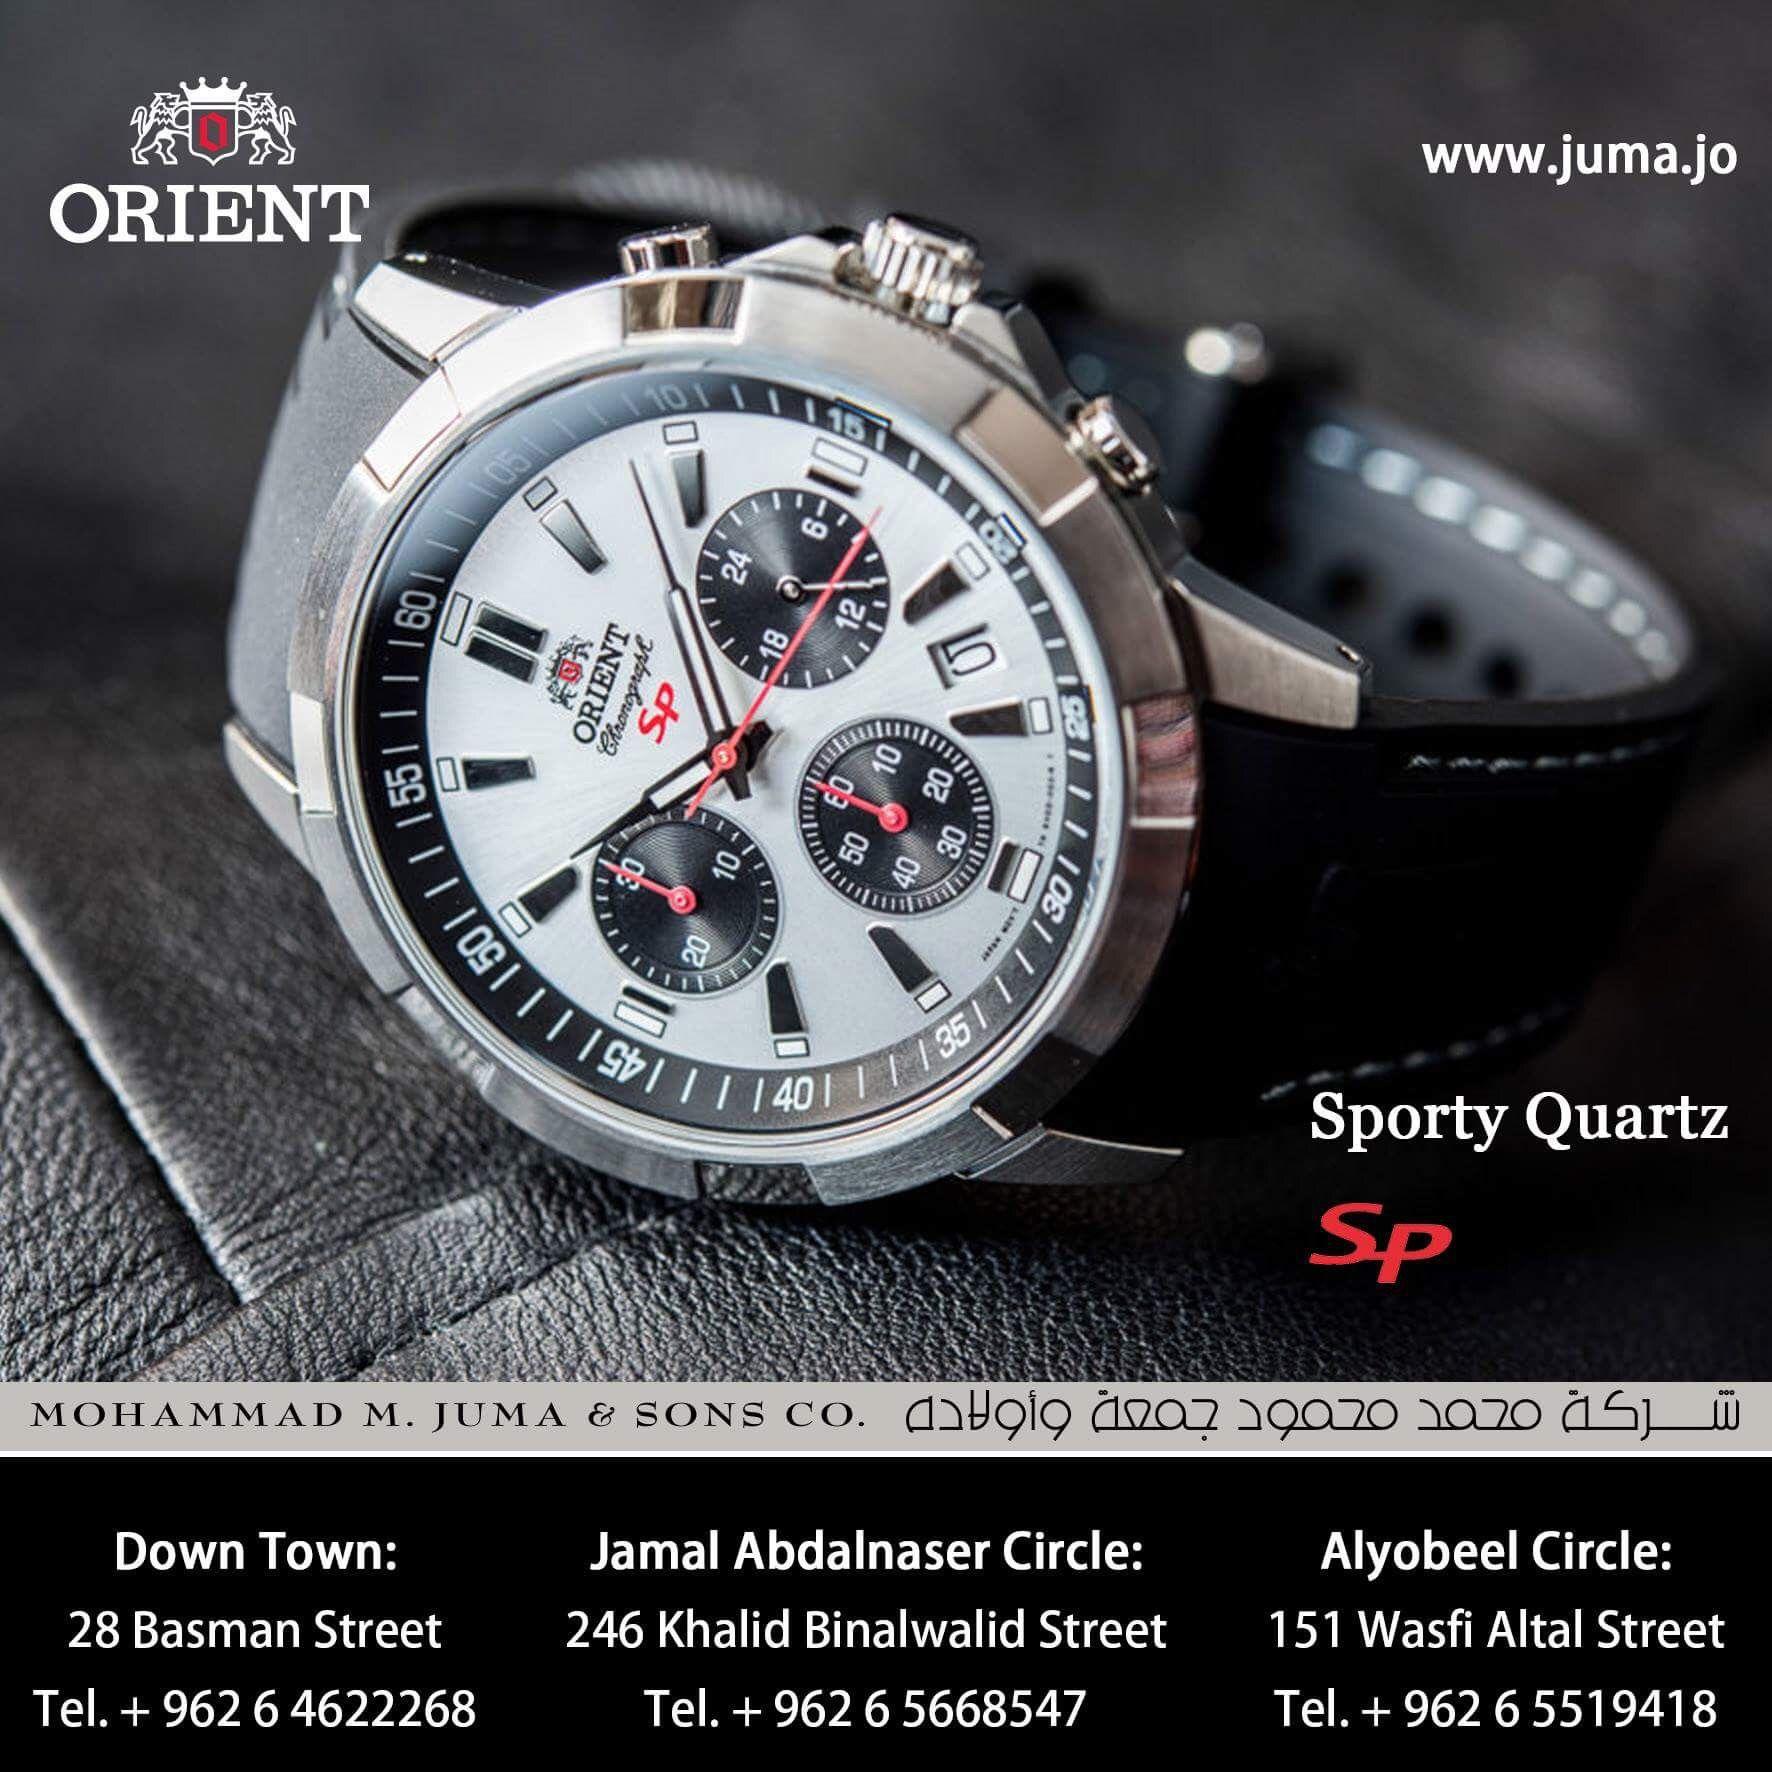 Orient Watch Sporty Quartz Sp Model Orient Watch Watches Wrist Watch